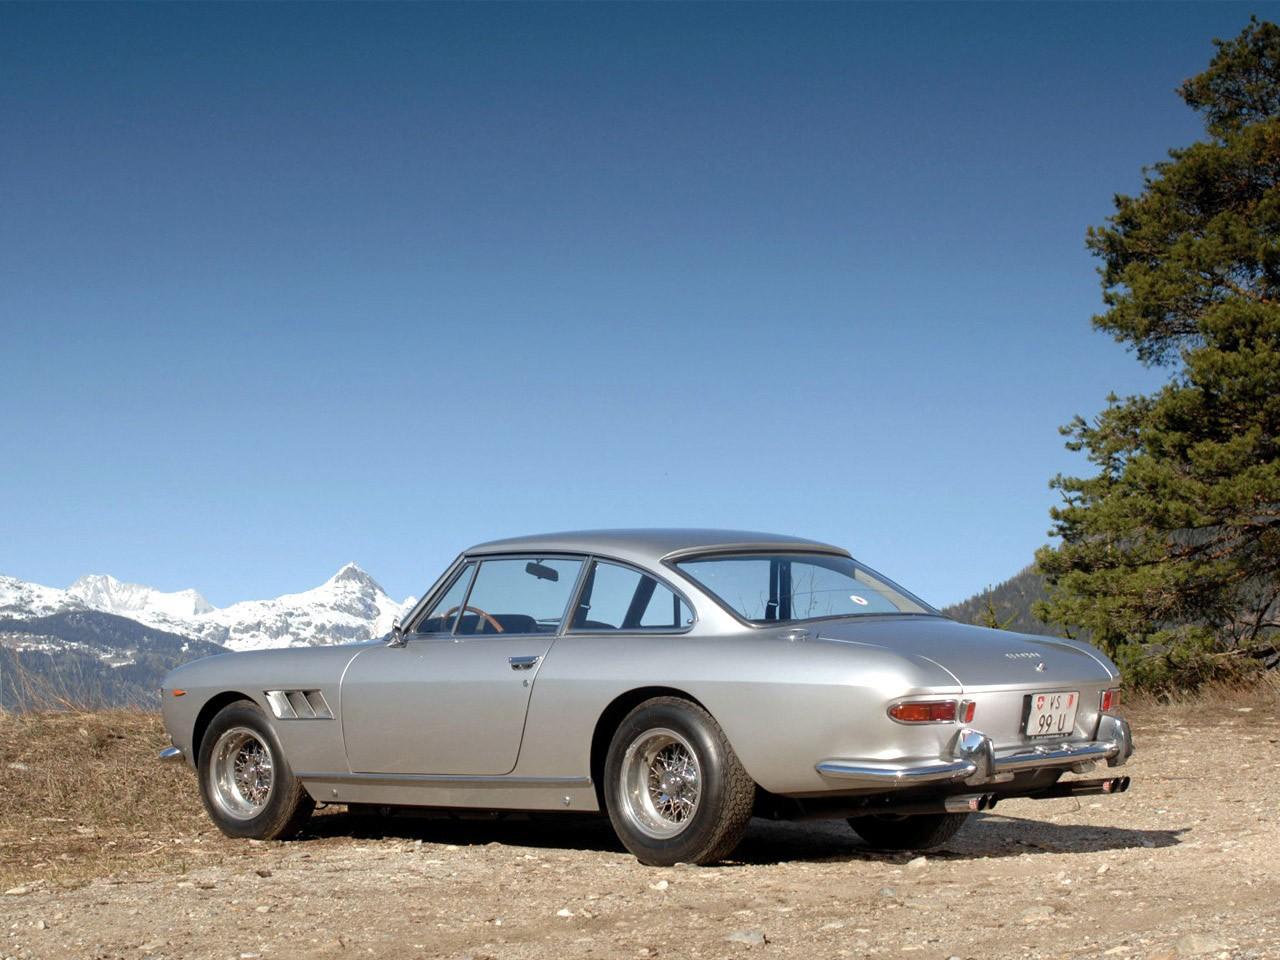 Ferrari 330 GT 2+2 Serie II 1965 (arriere)